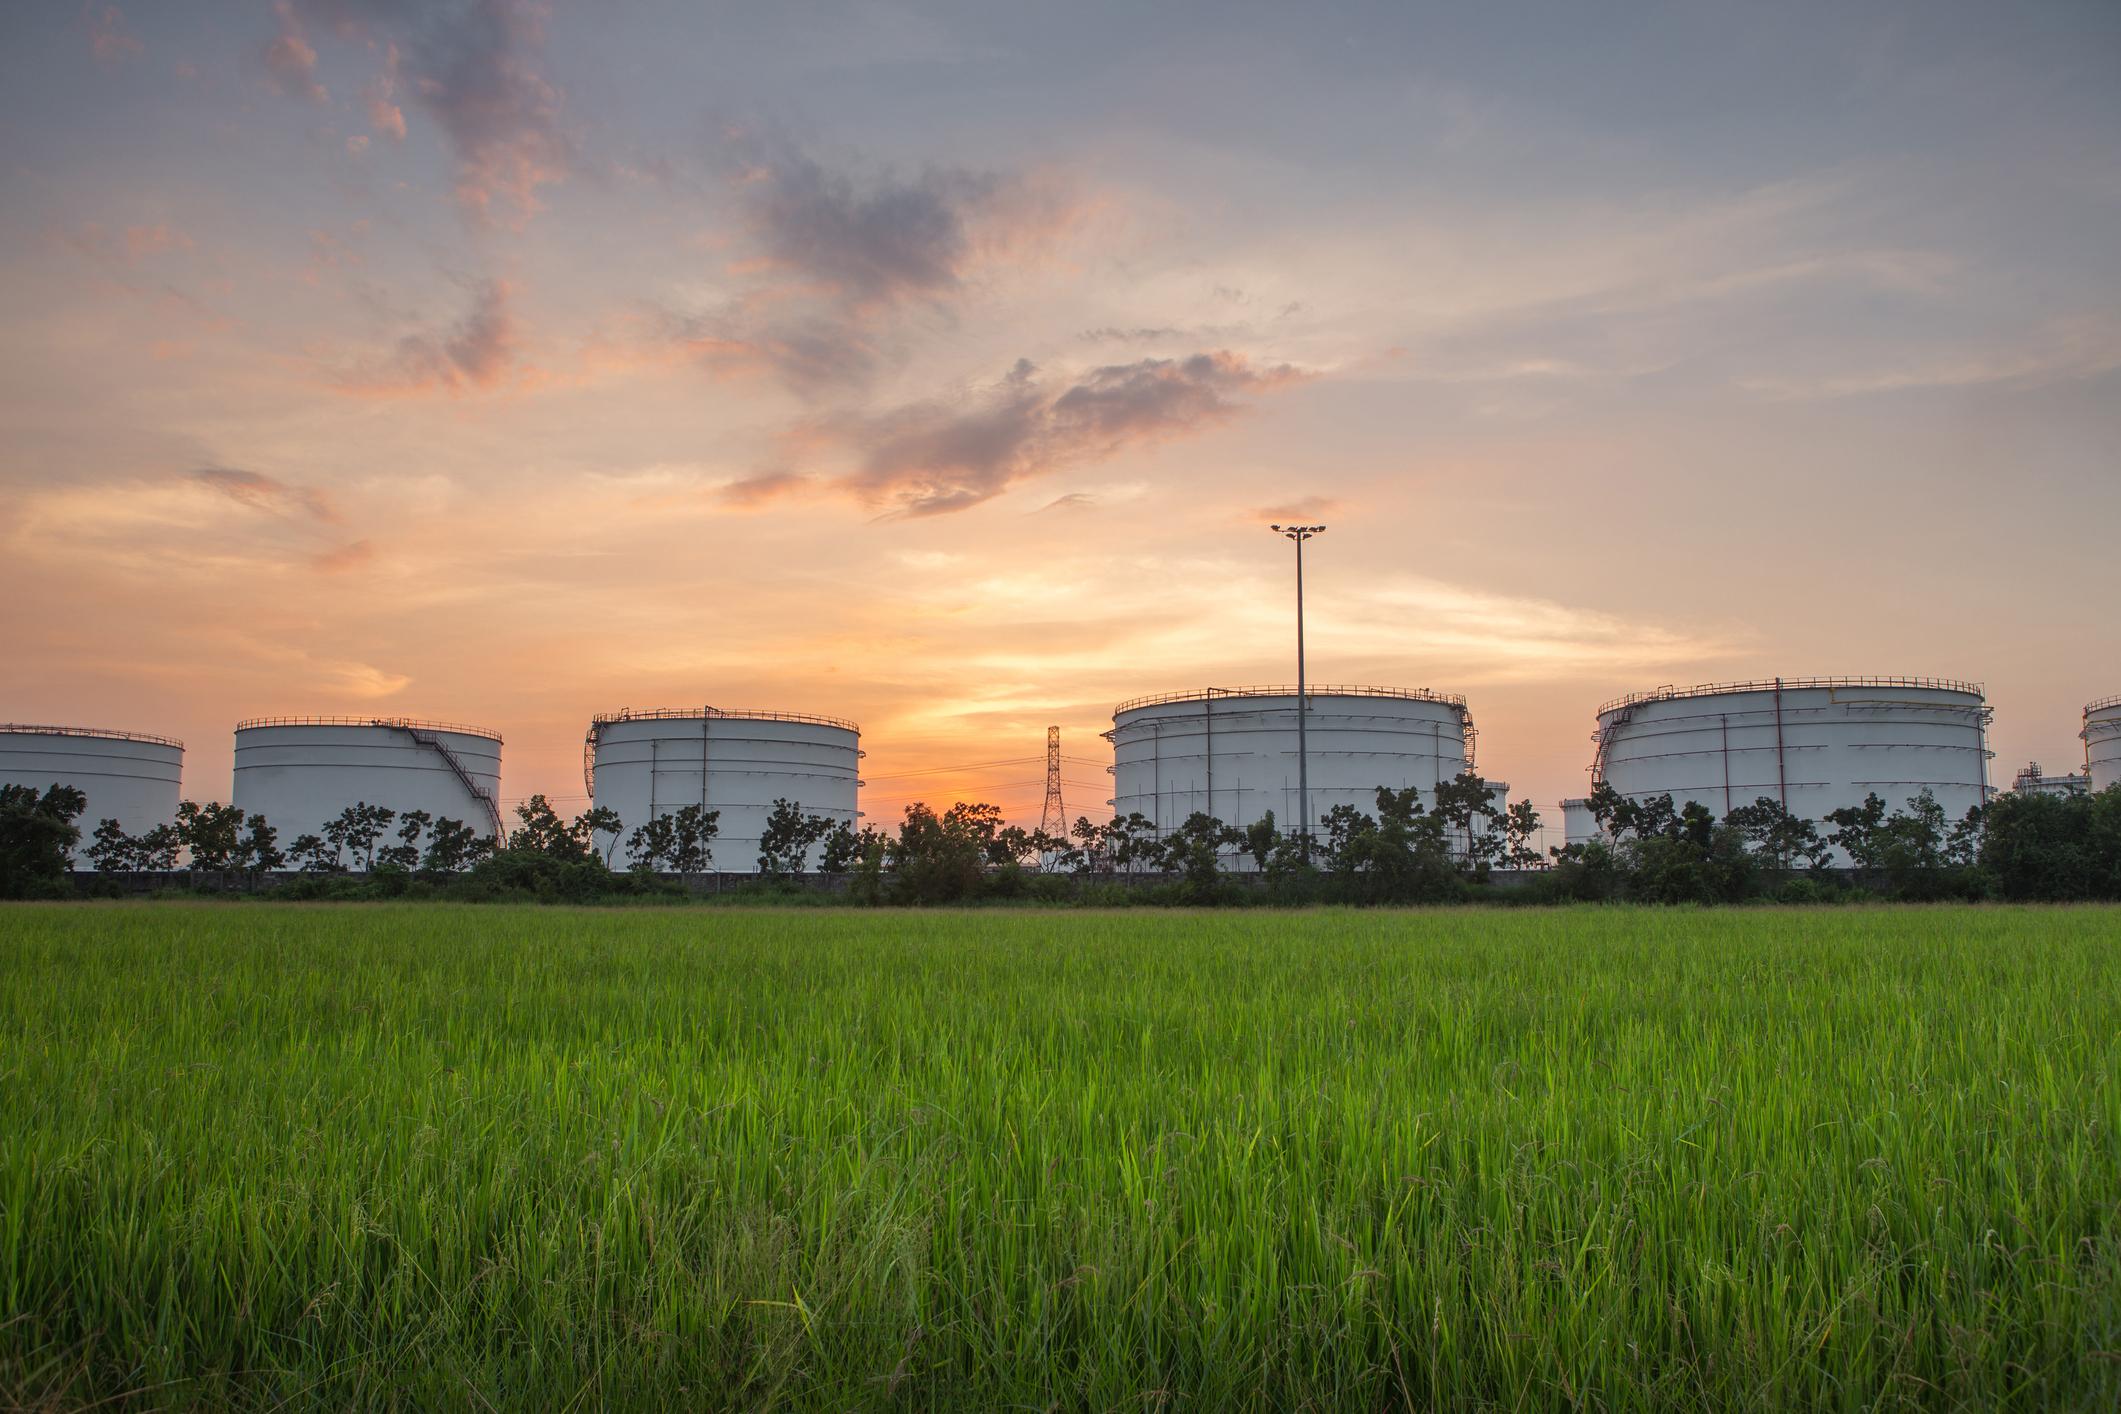 Oil tanks in a field